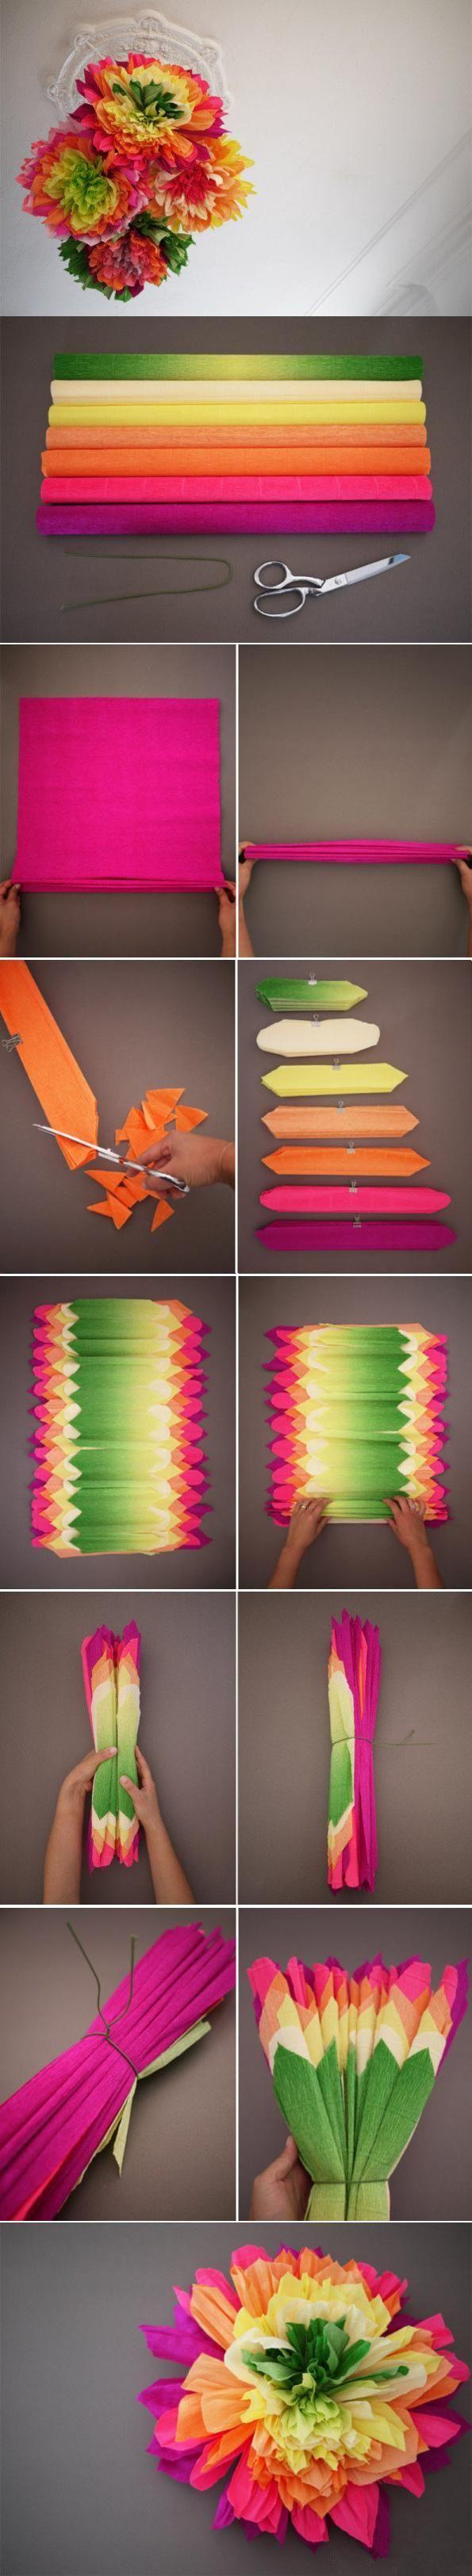 De faux bouquets de fleurs très colorés ! 6 ou 7 rouleaux de papier crépon, à plier de façon égale, puis à découper en pointe. Les étaler en superposant du plus grand au plus petit, replier, nouer avec un lien et former le bouquet !